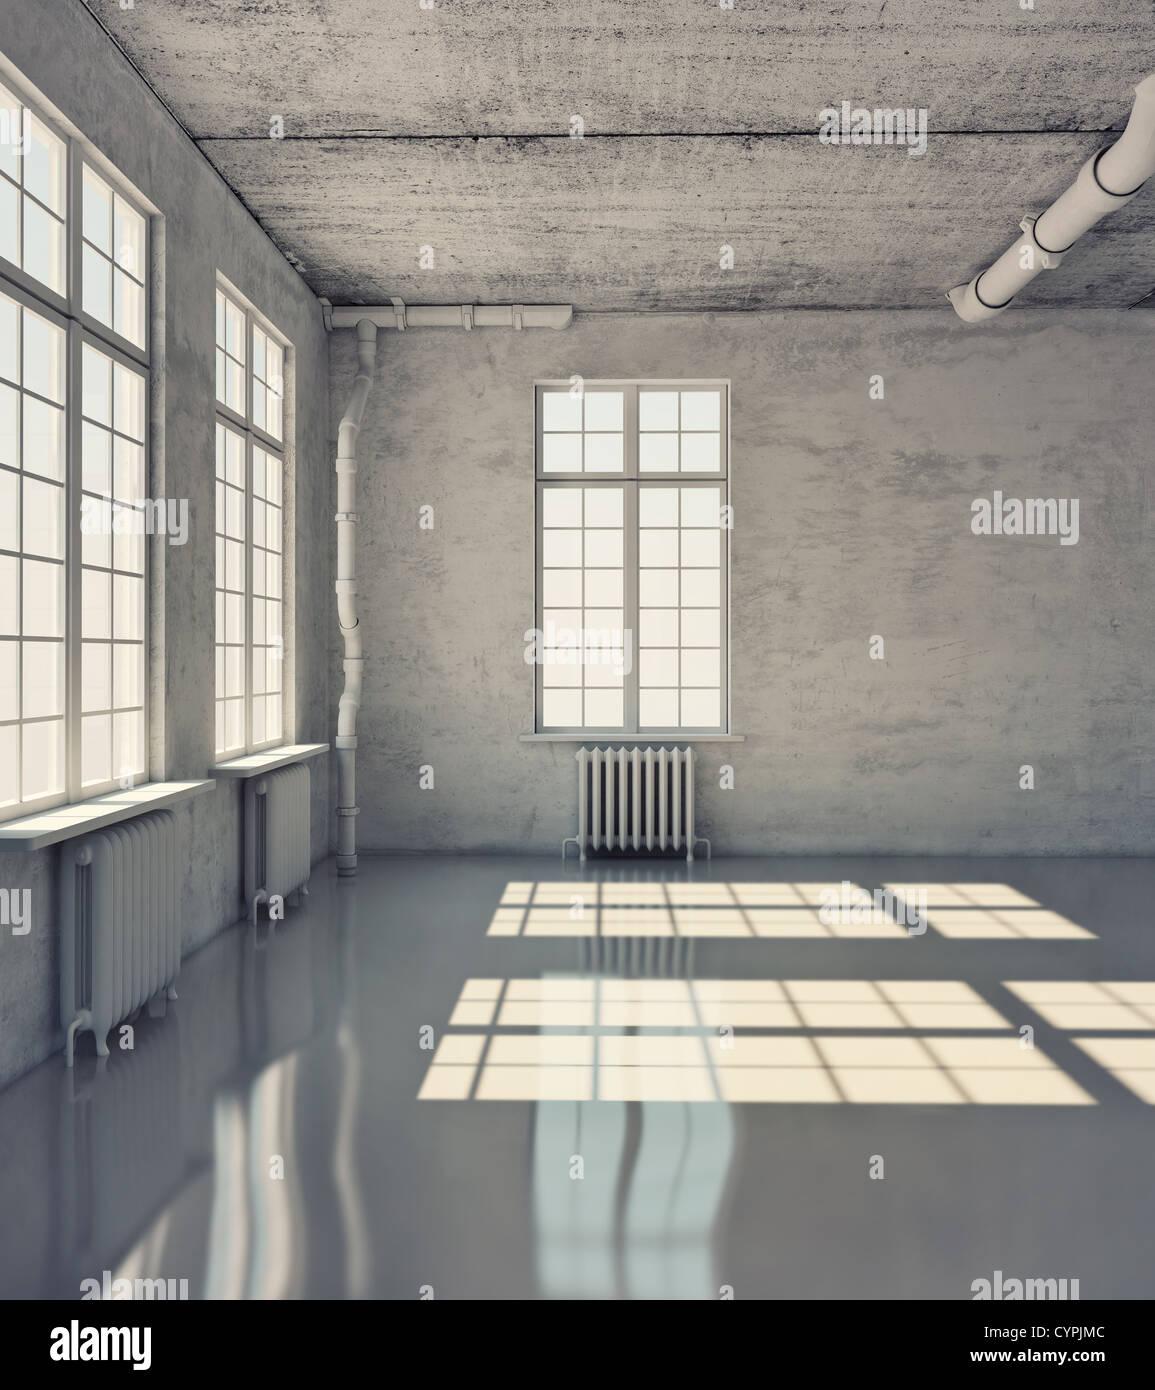 Stanza vuota con windows (loft concetto) Immagini Stock